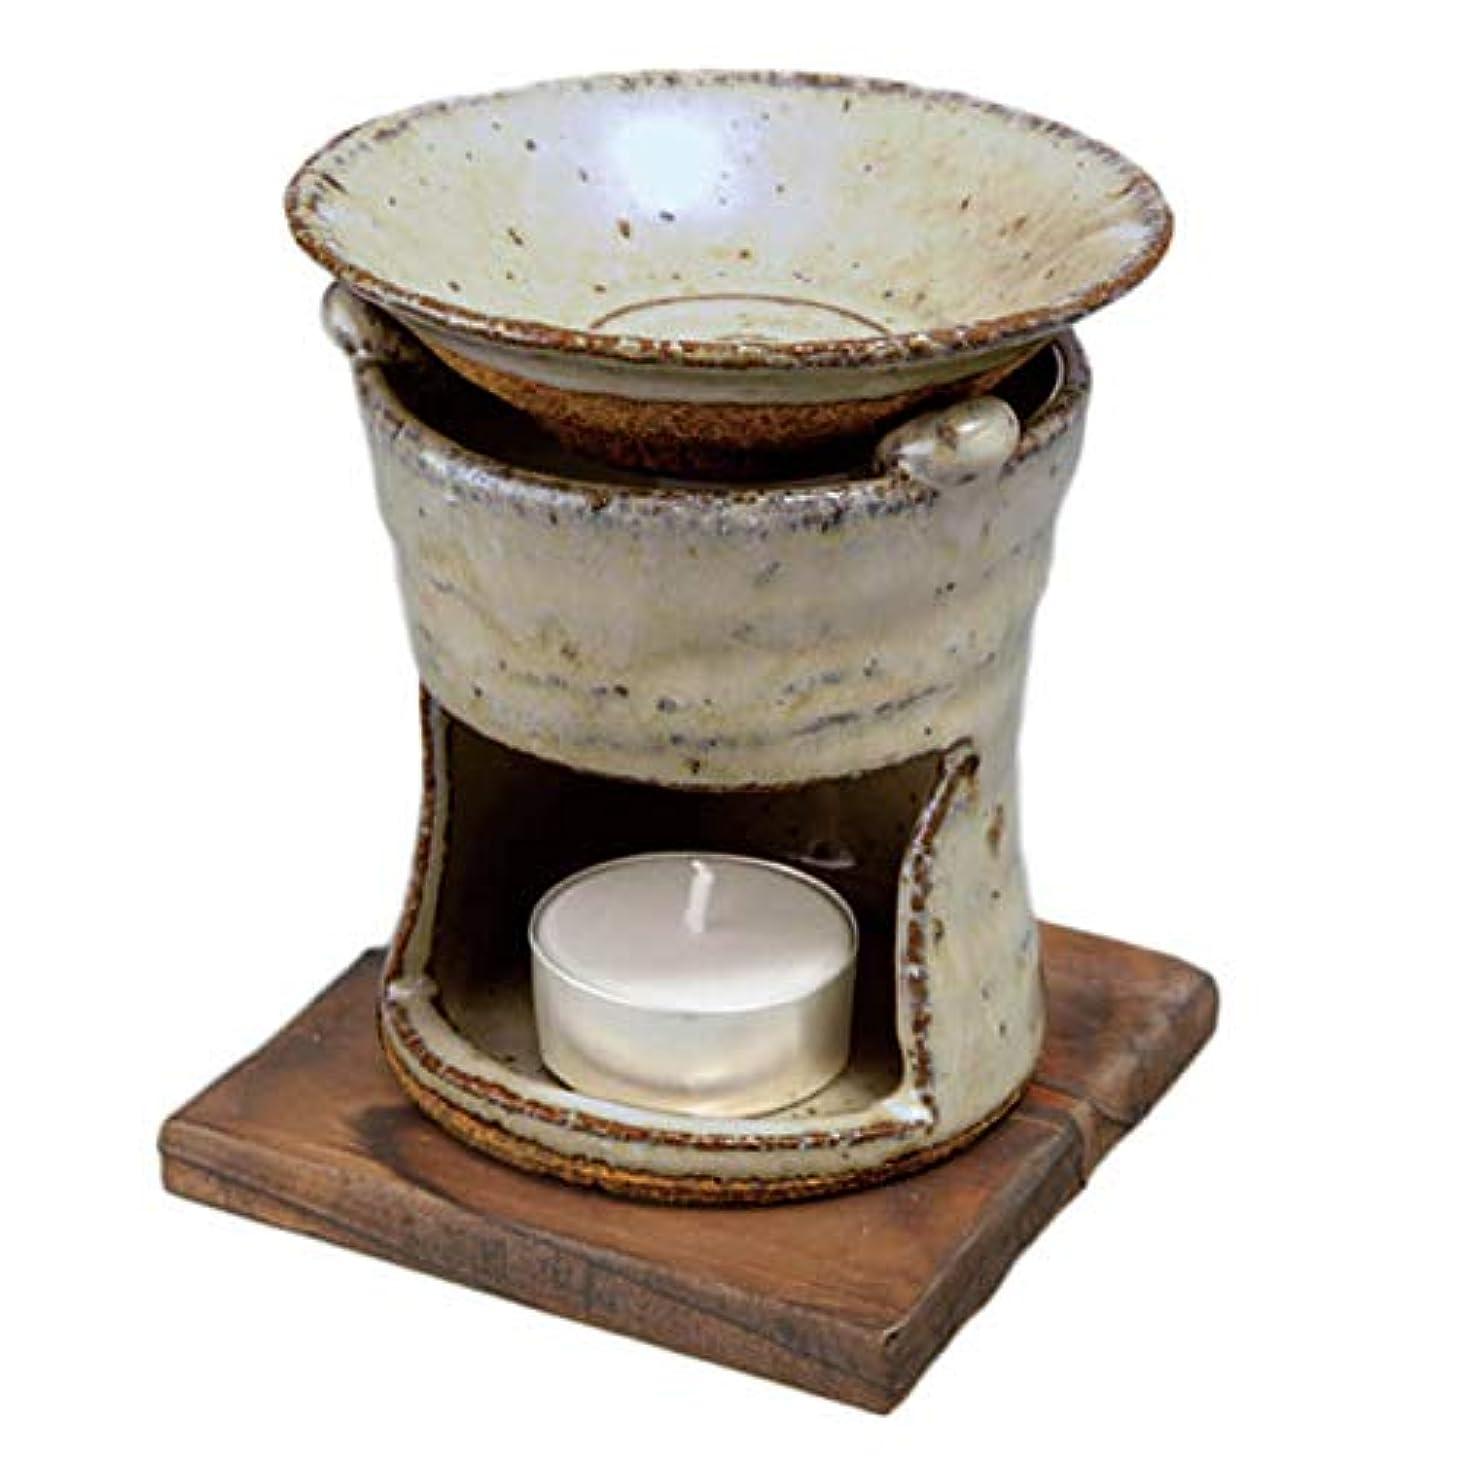 吸うインディカアヒル手造り 茶香炉/茶香炉 伊良保/アロマ 癒やし リラックス インテリア 間接照明